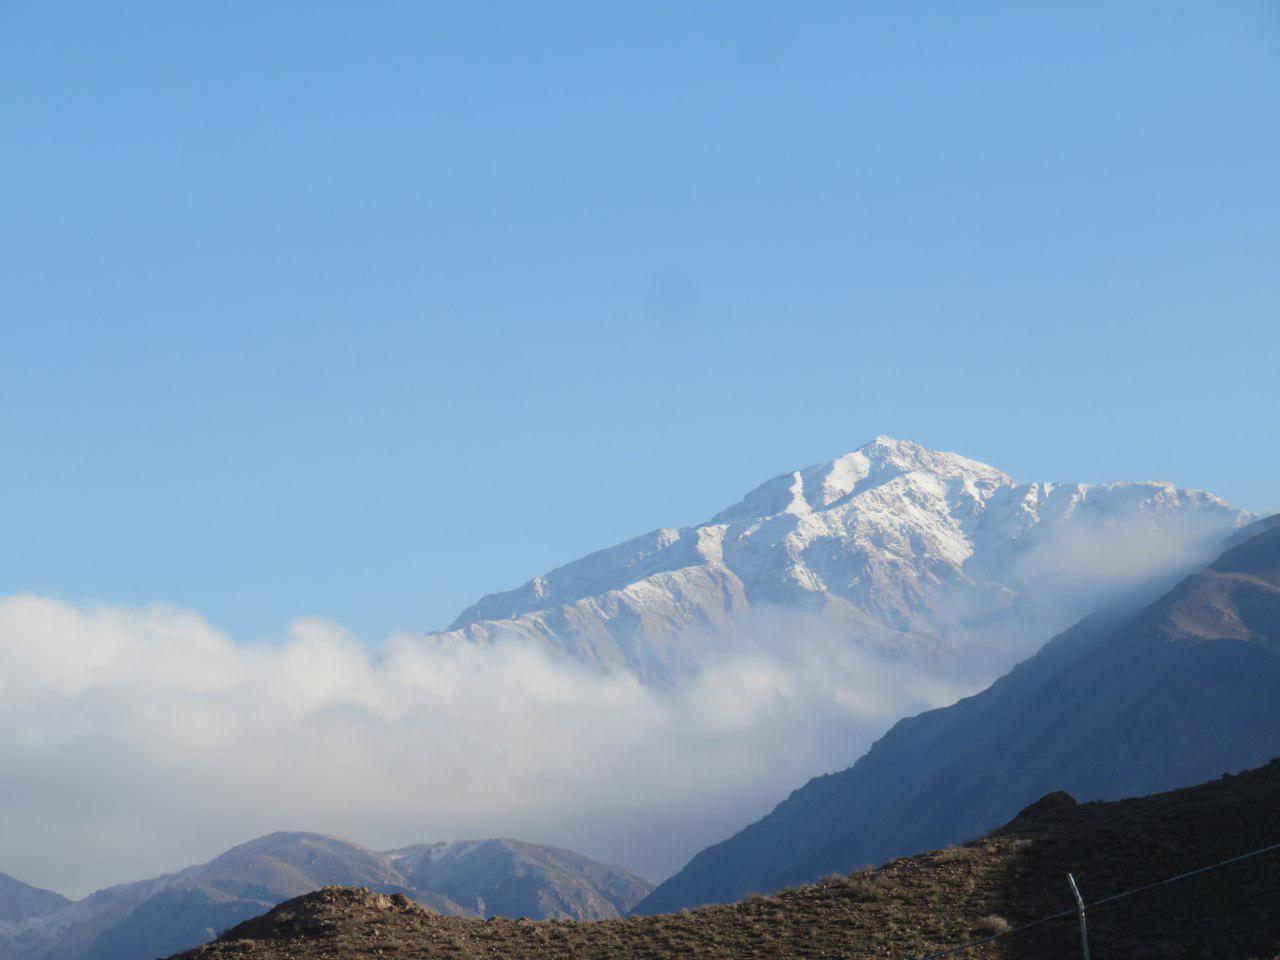 ای کوه سپید پای دربند